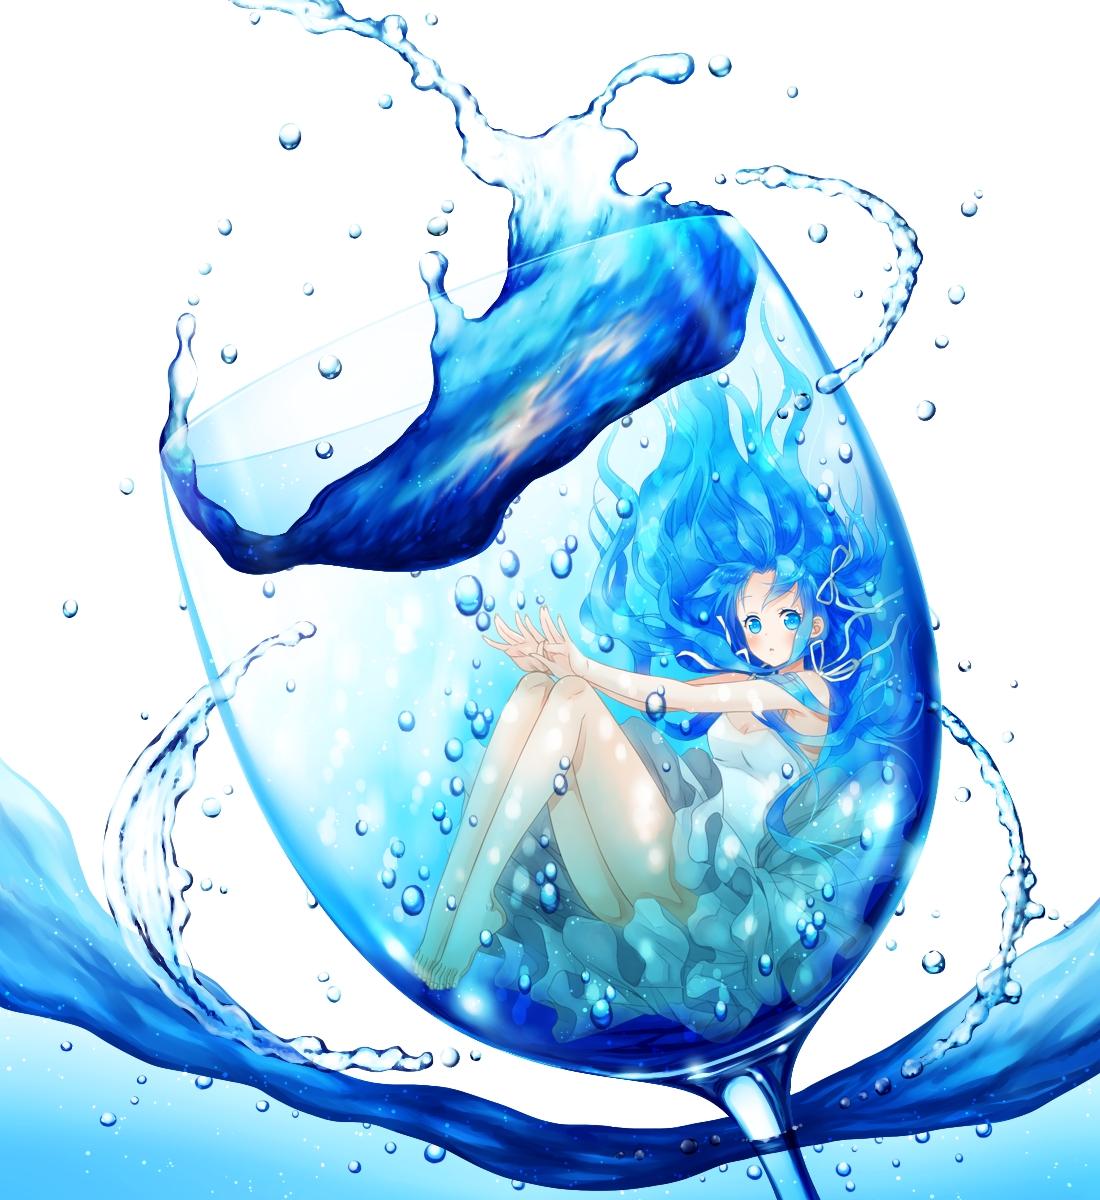 Splash - Water - Zerochan Anime Image Board